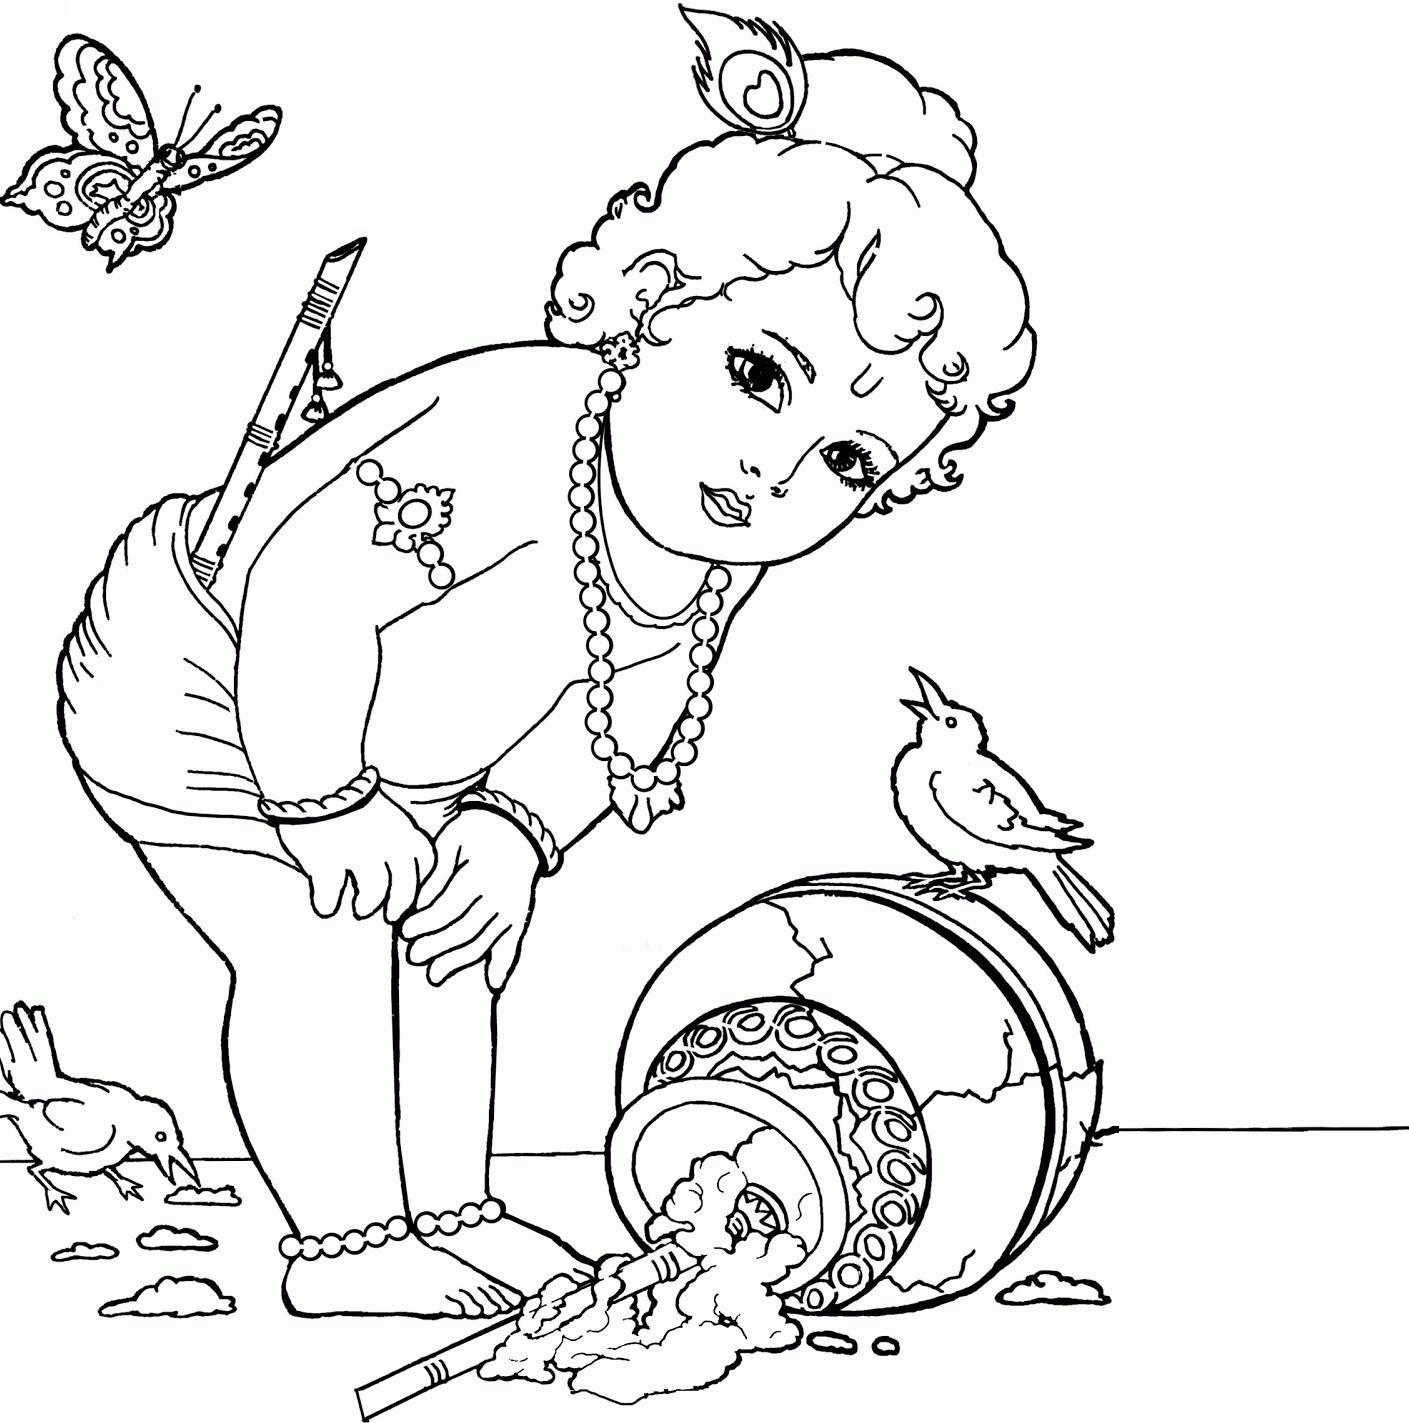 1409x1423 Gallery Little Krishna Drawings,